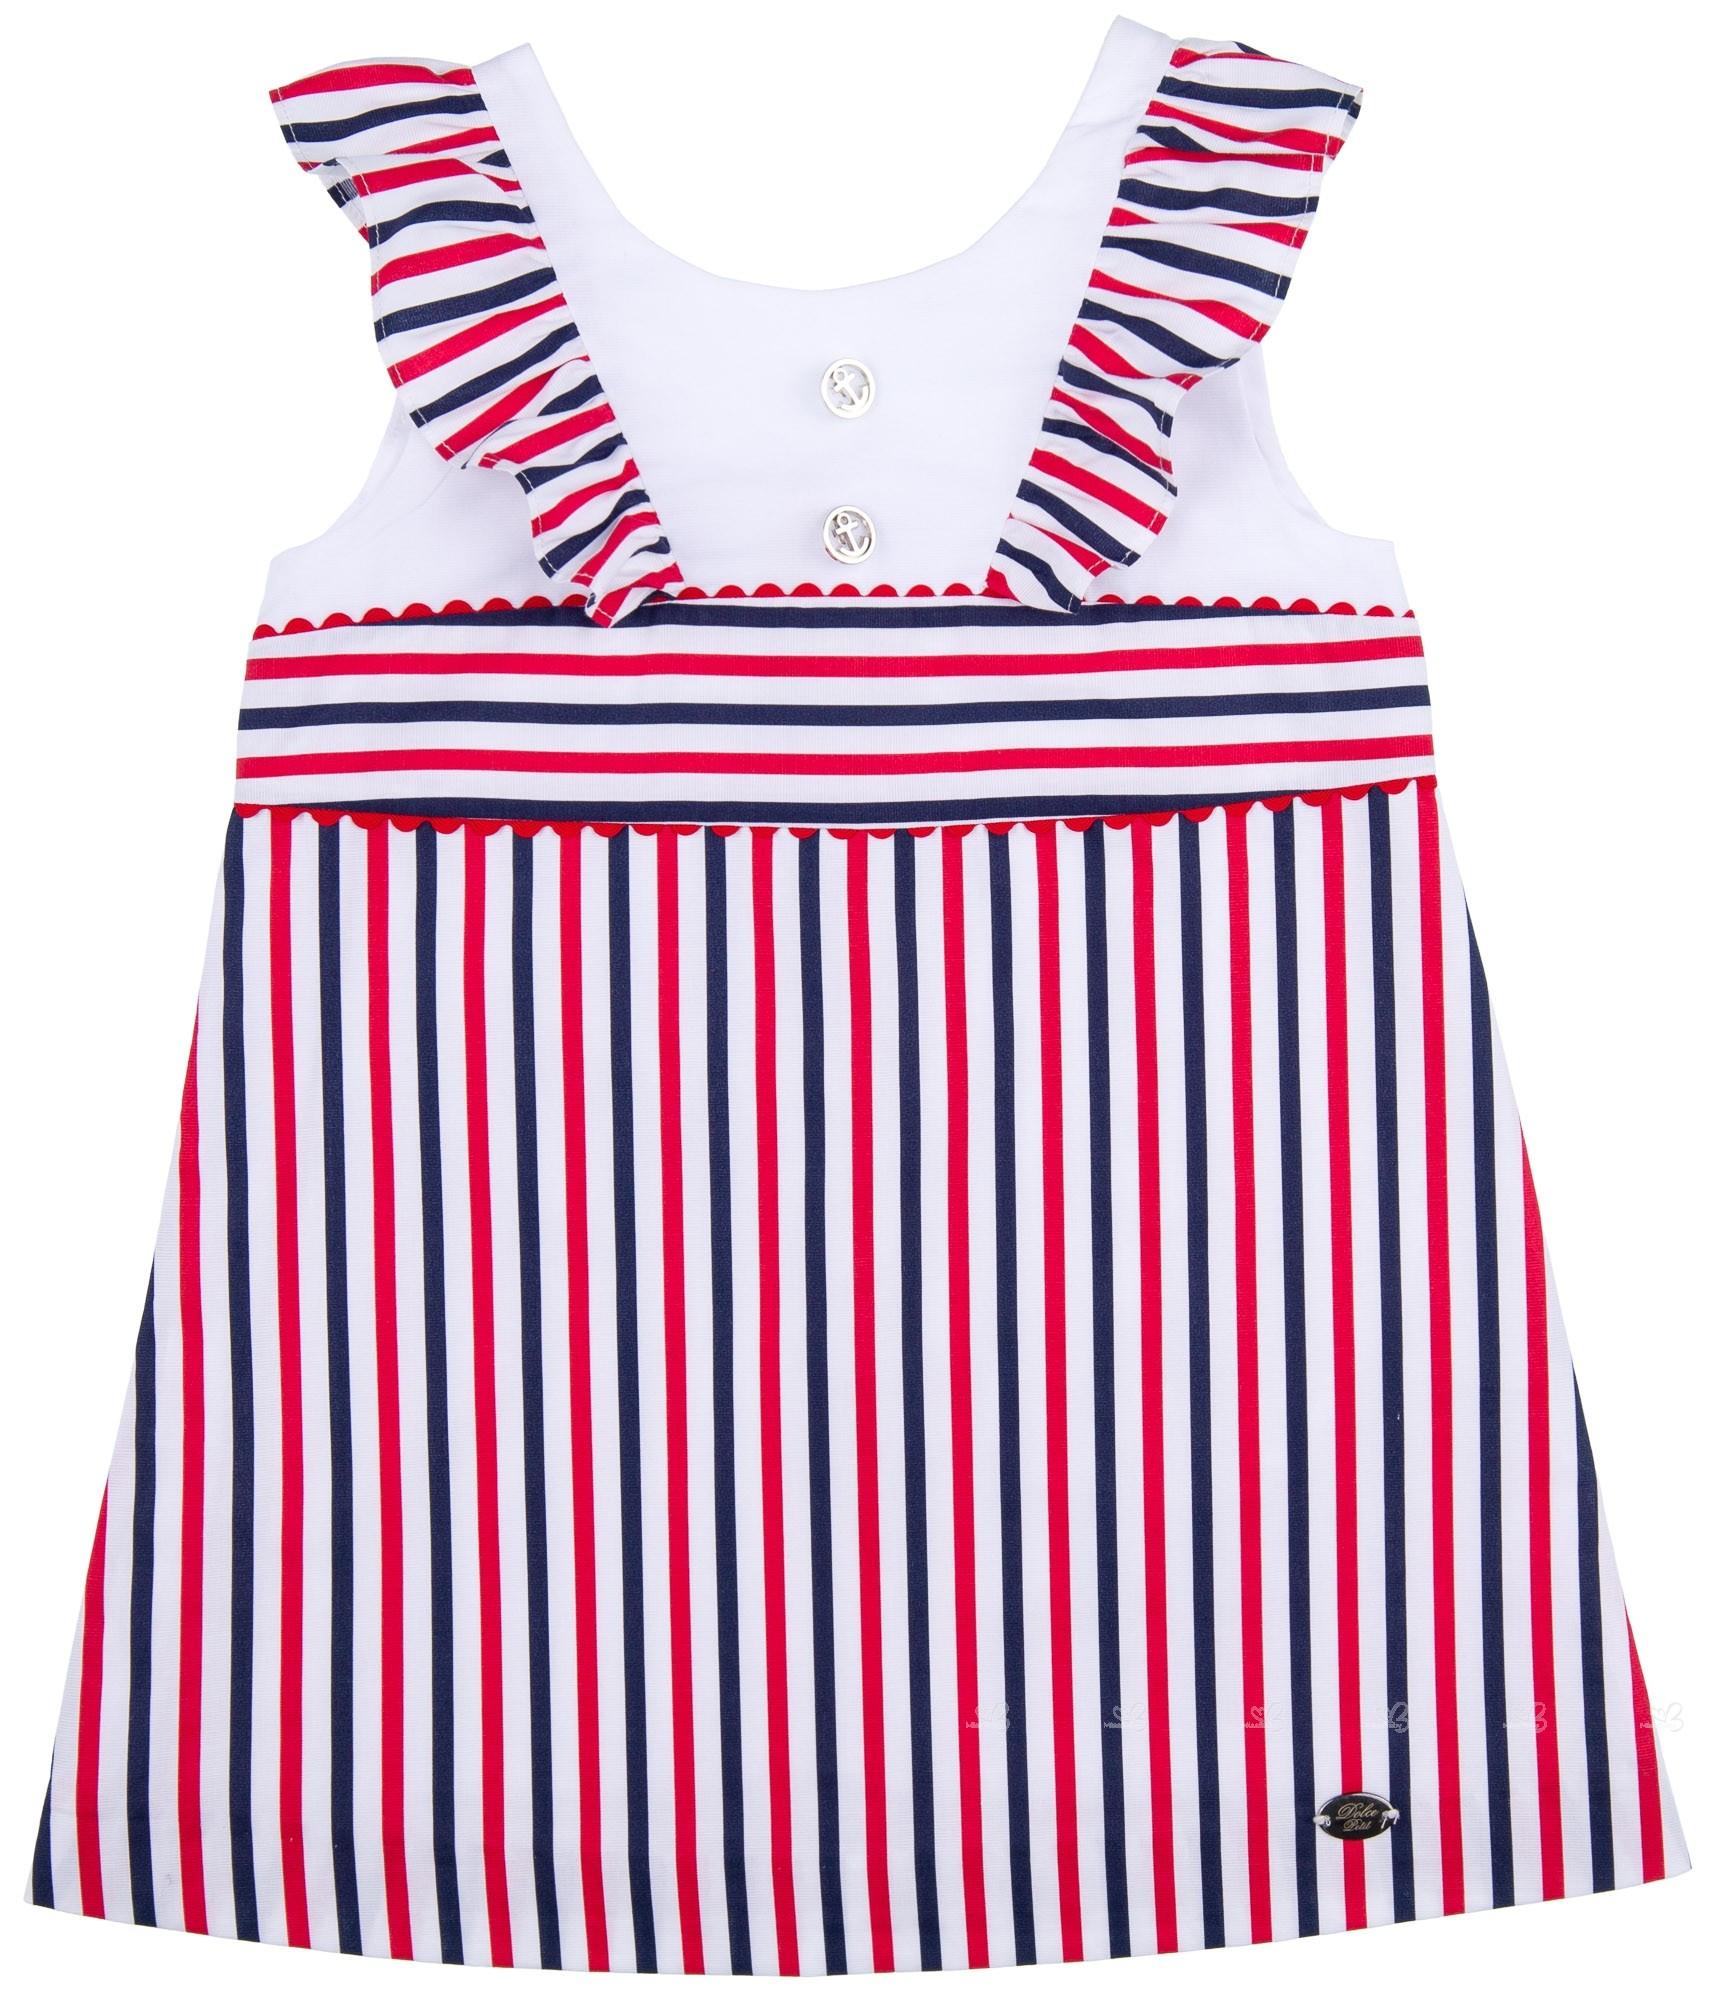 7042a75b31b Girls Red & Navy Blue Striped Sailor Shift Dress